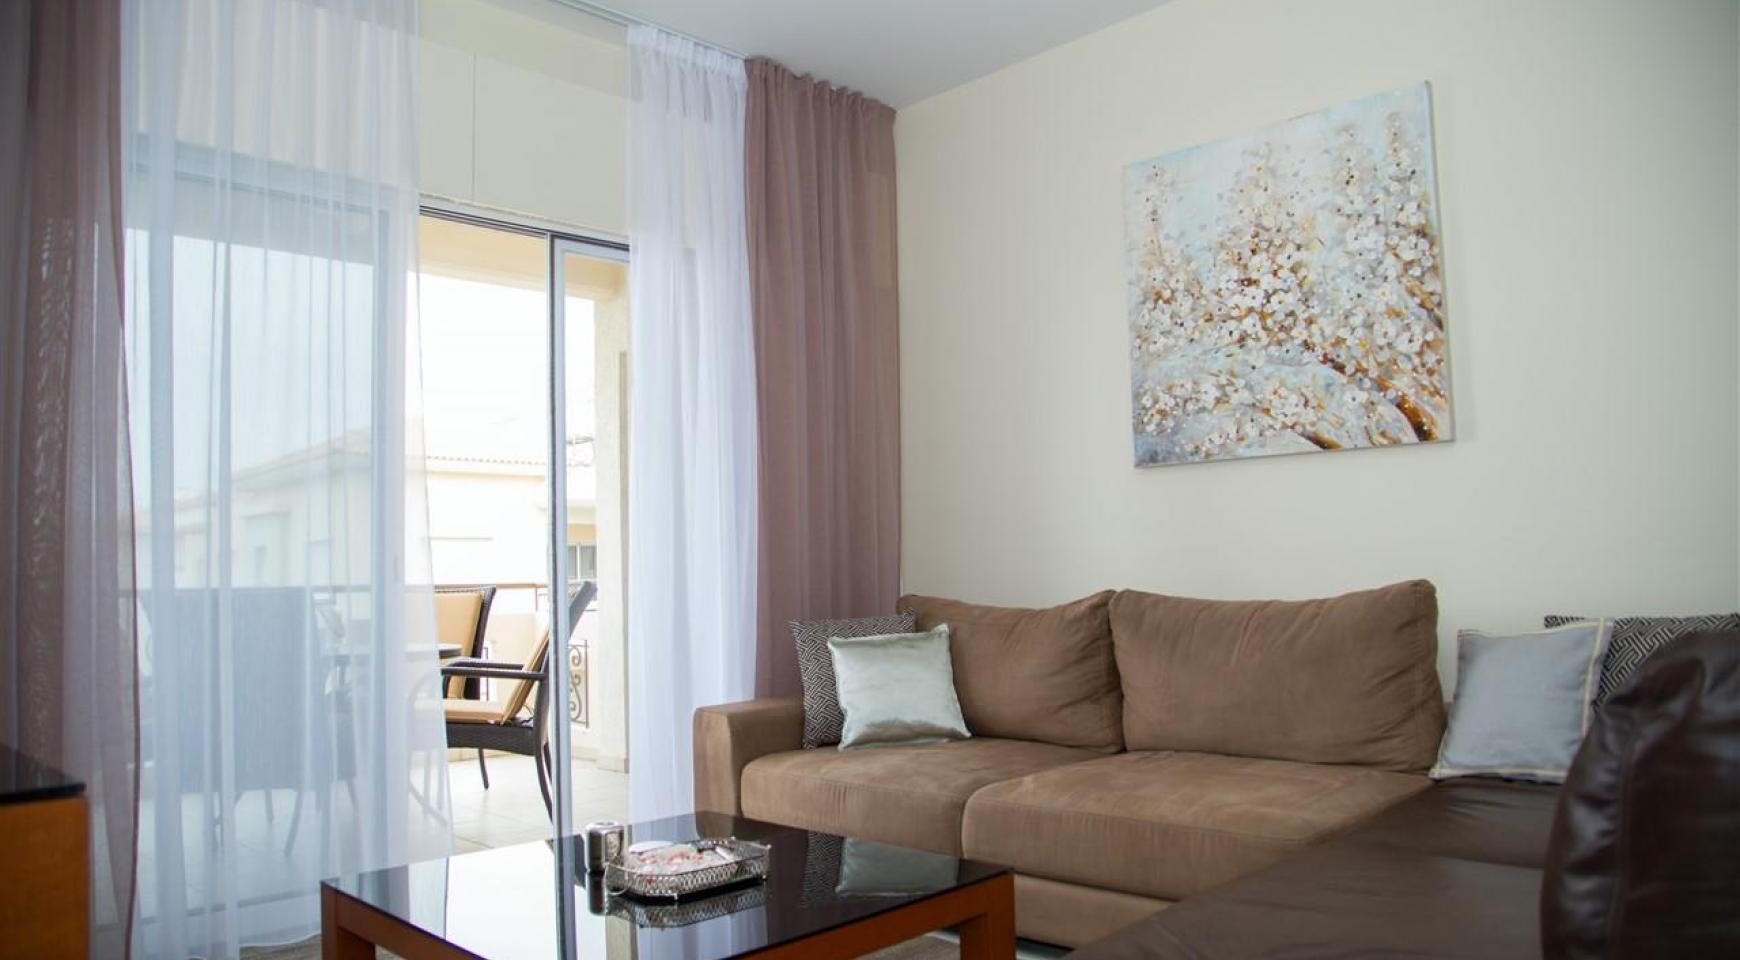 """2-Спальная Квартира - Люкс """"Mesogios Iris 304"""" в Туристической Зоне возле Моря - 3"""